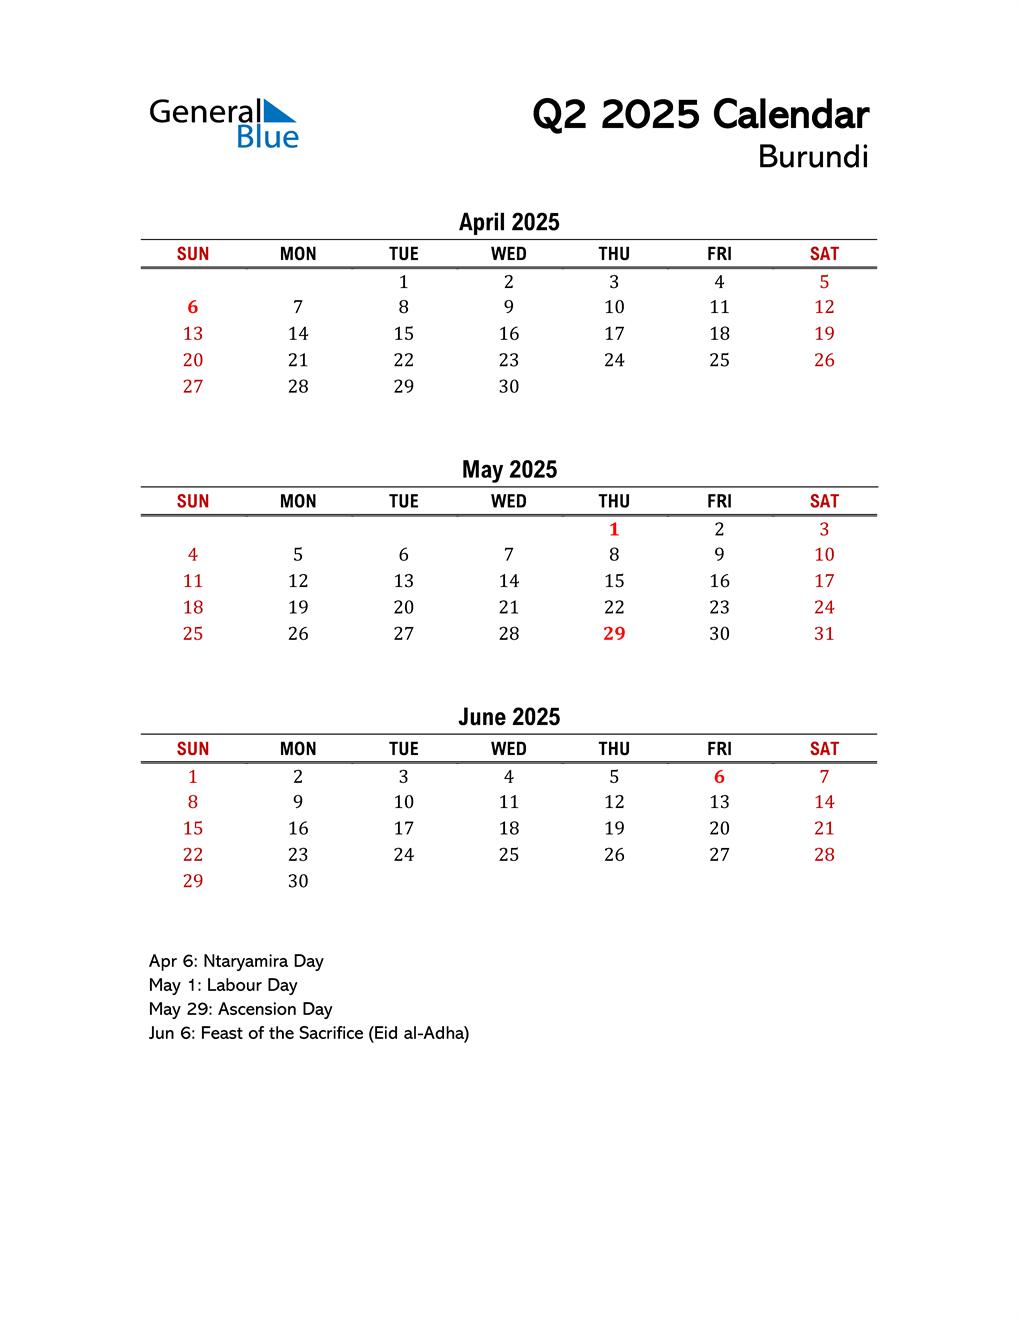 2025 Q2 Calendar with Holidays List